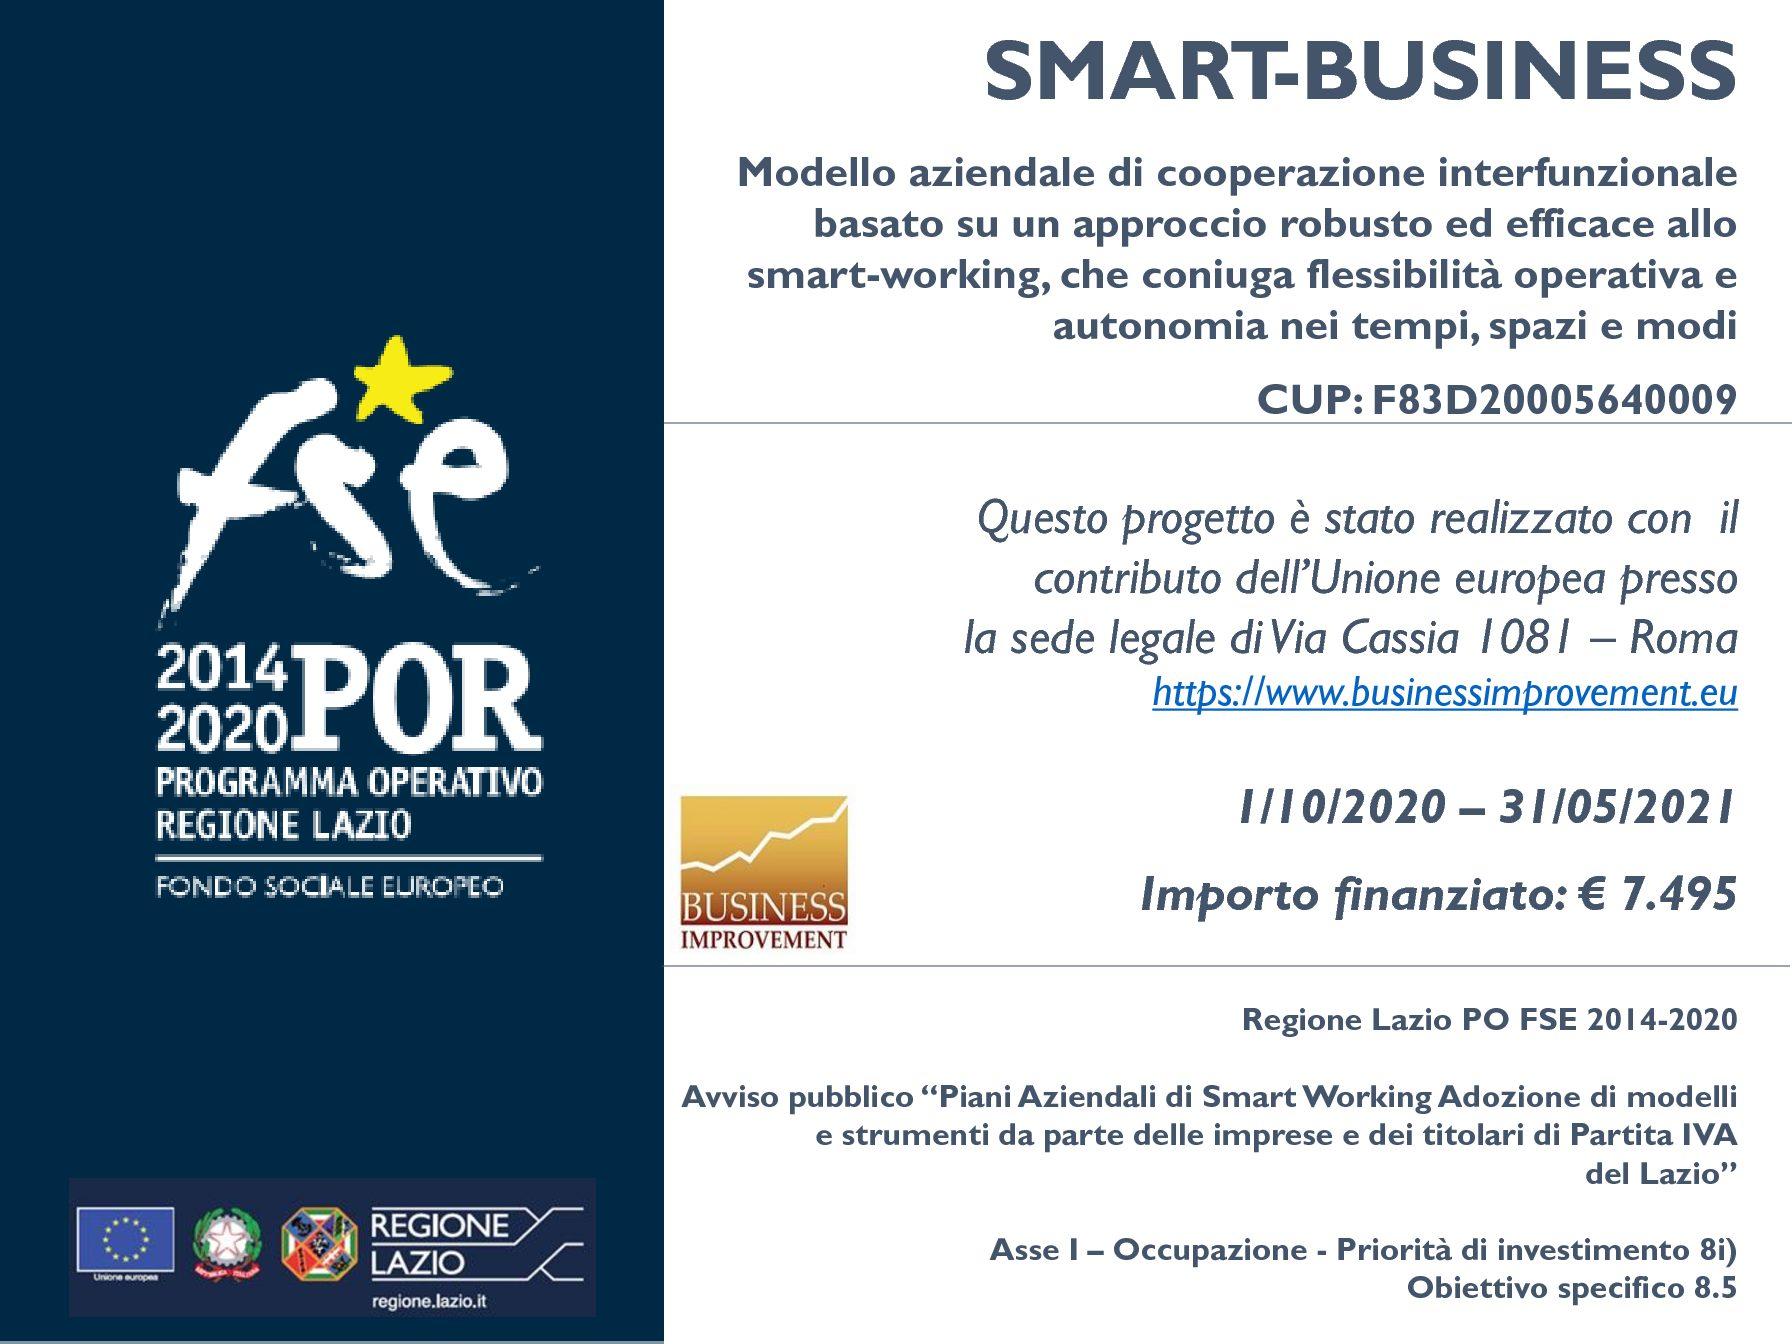 SMART BUSINESS – Progetto finanziato dalla Regione Lazio